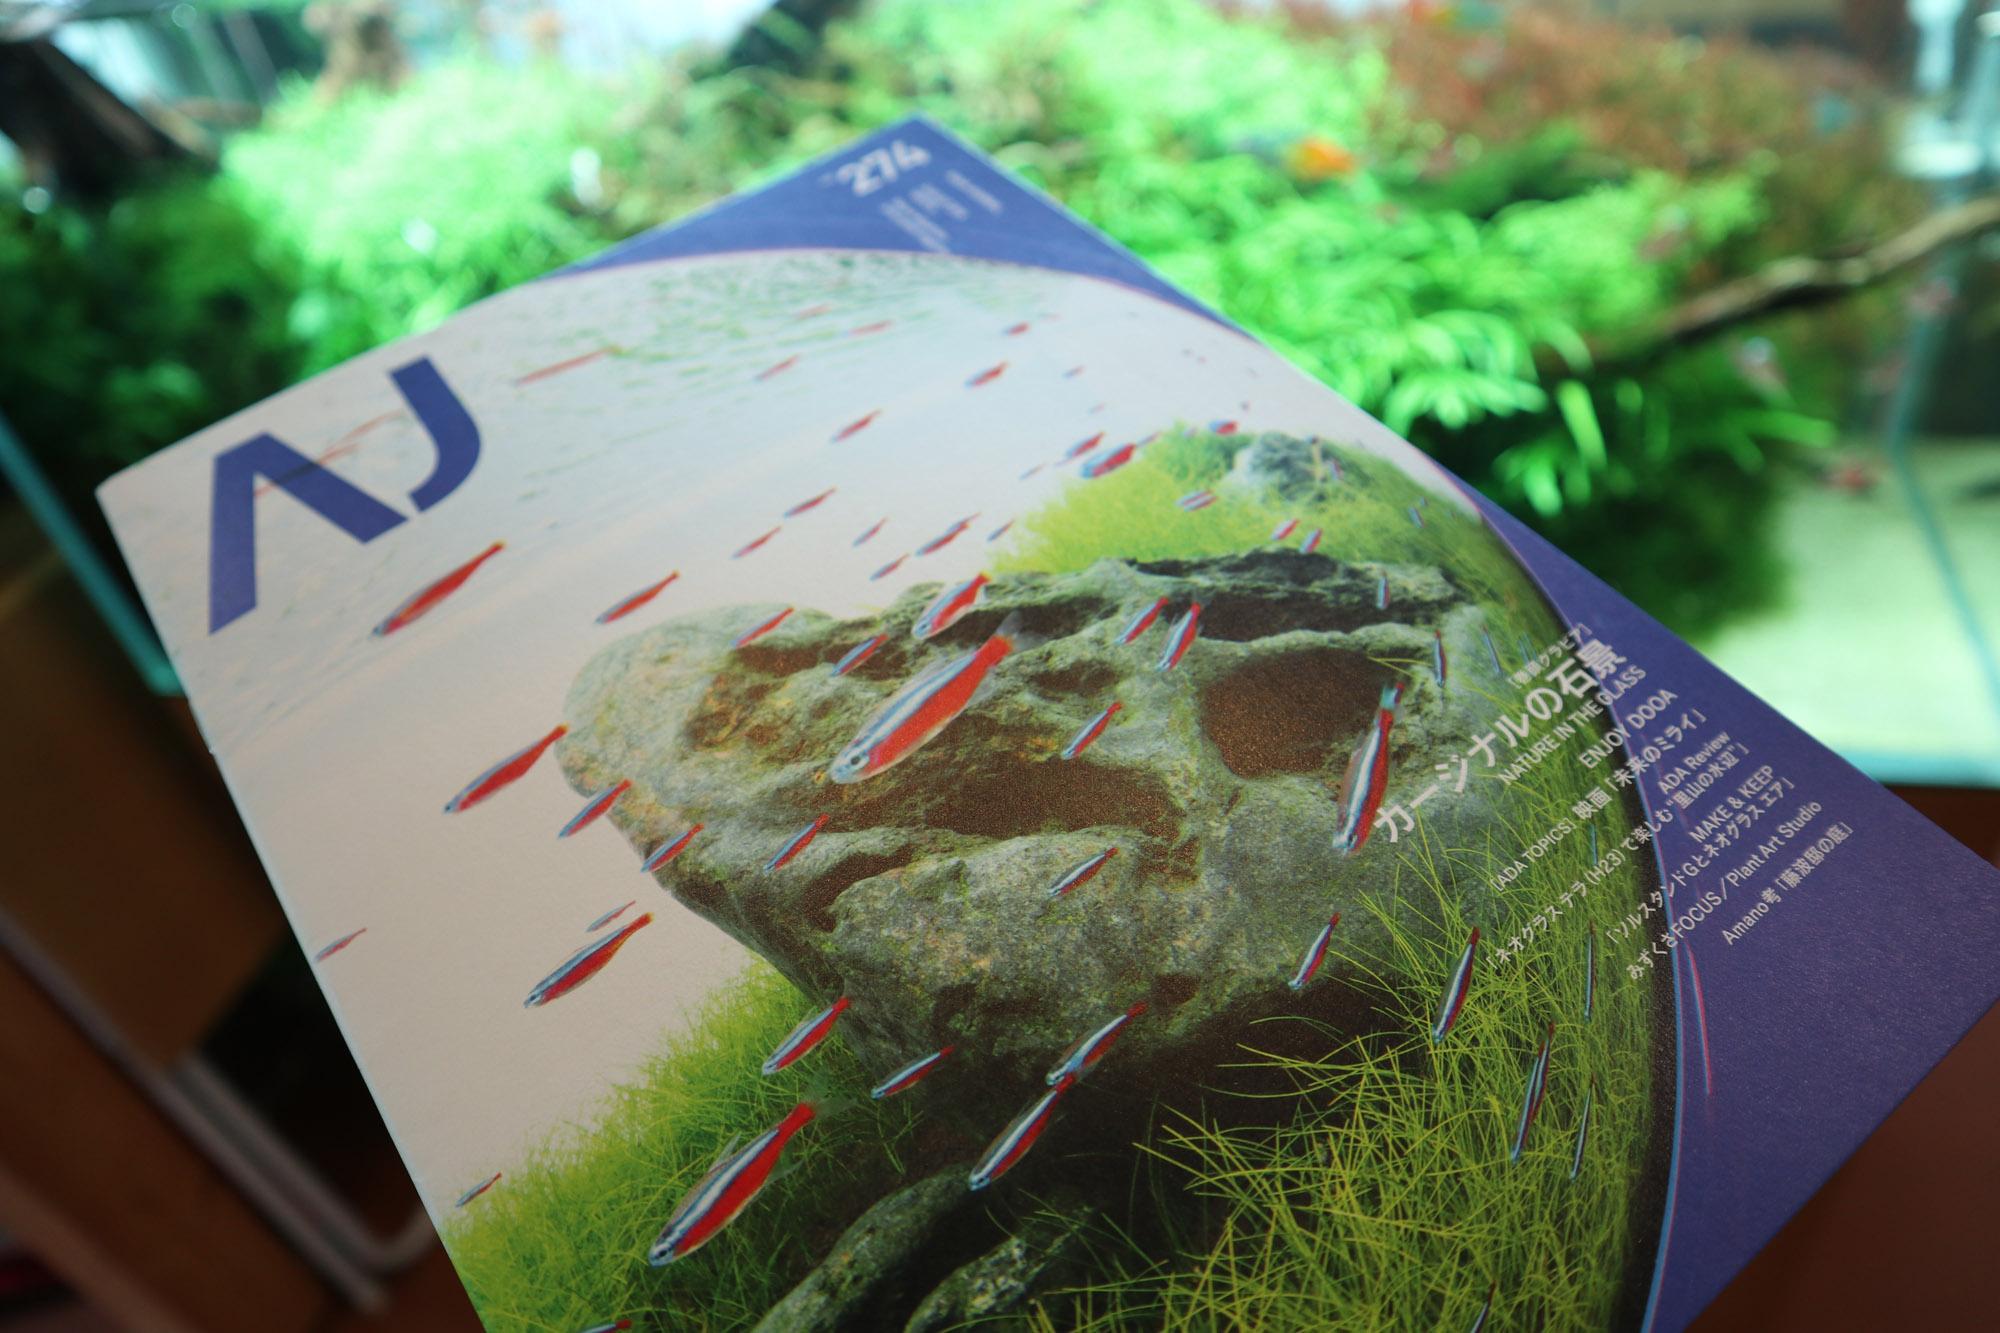 アクアジャーナル最新号入荷。特集は石組レイアウト。